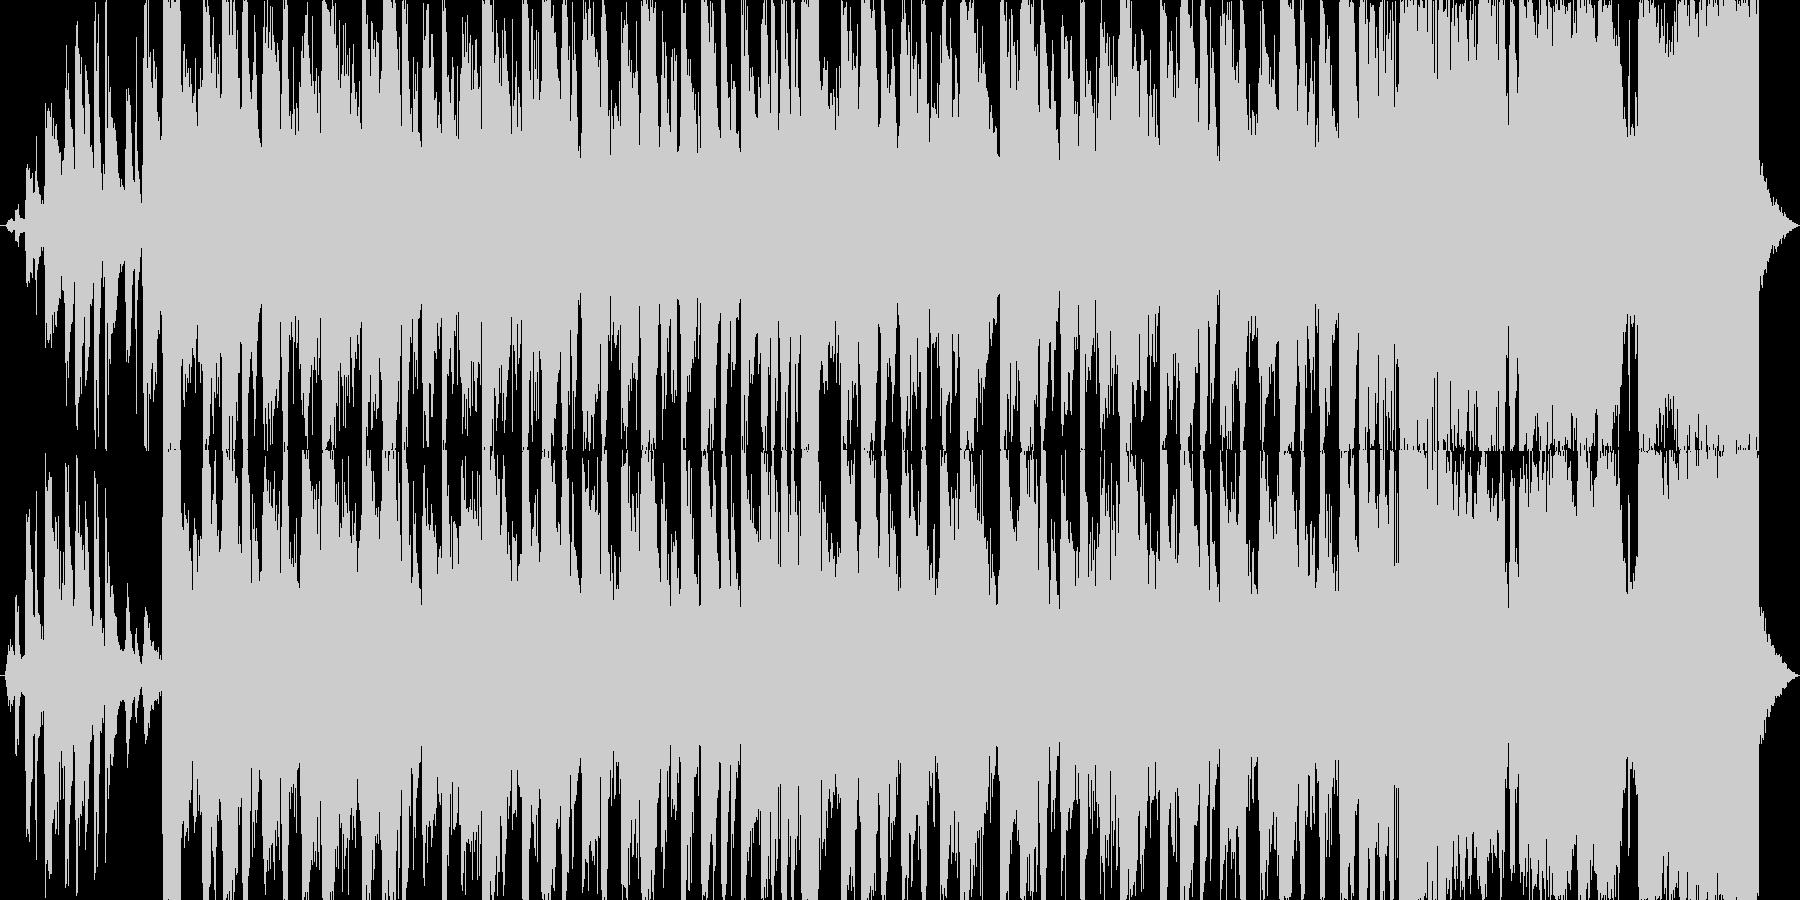 疾走感のある15秒シングルの未再生の波形